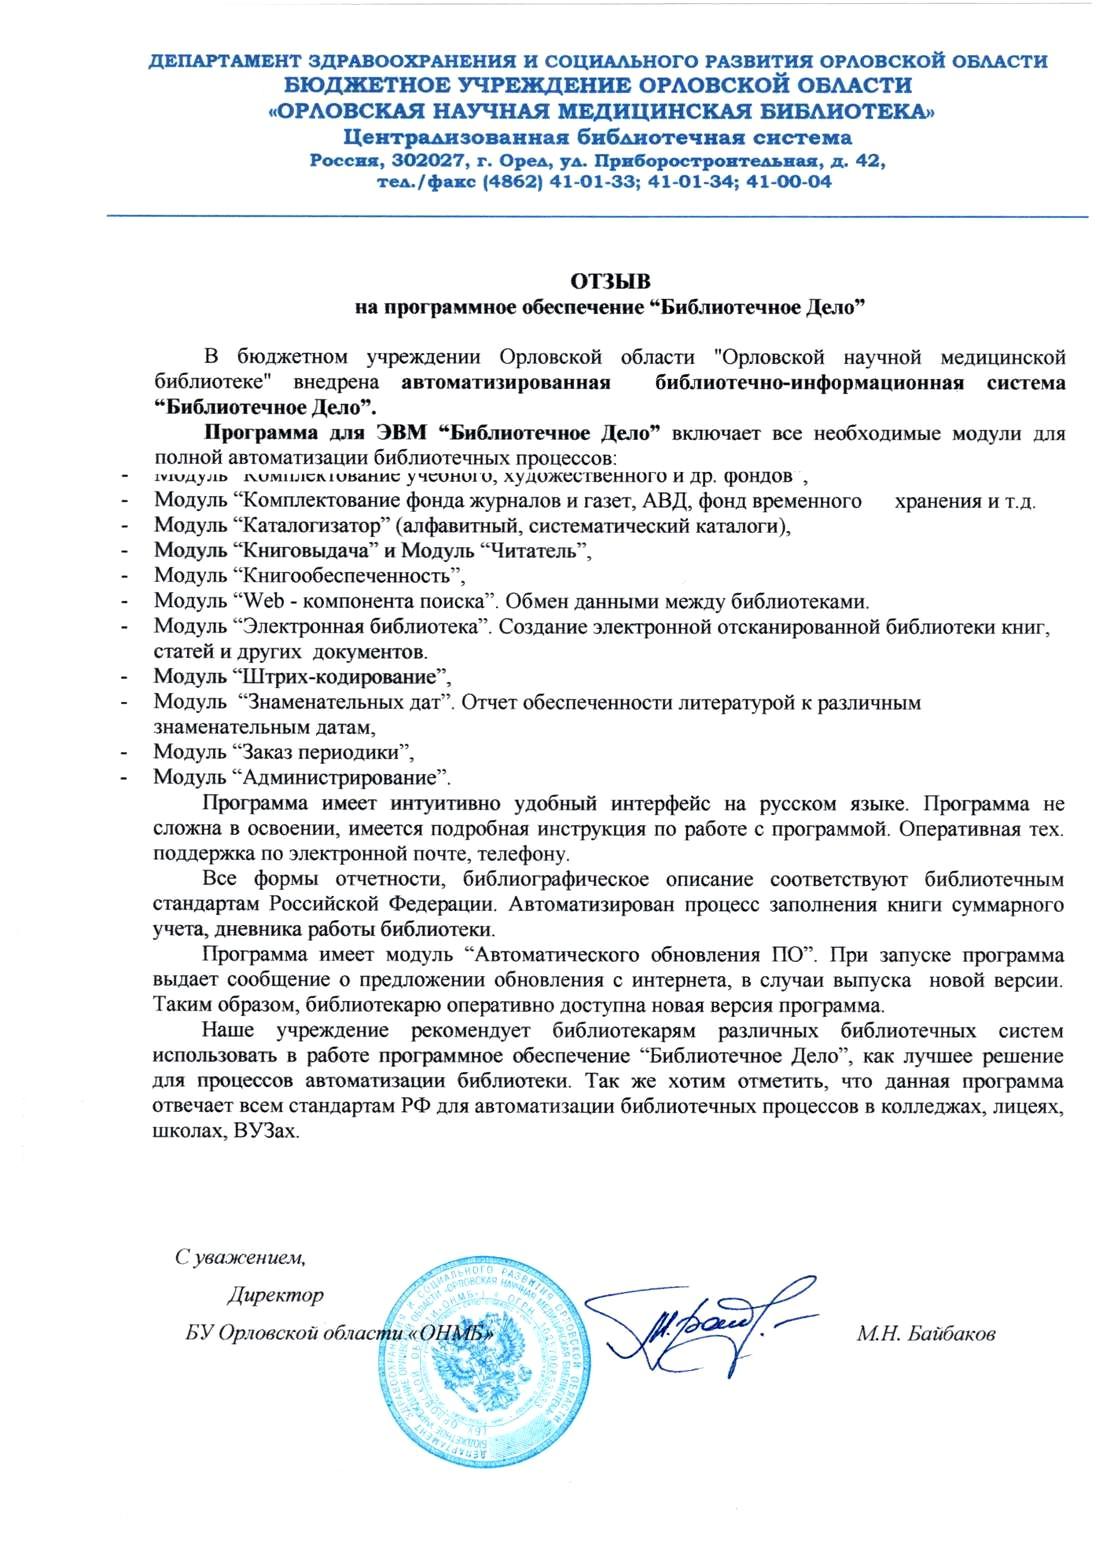 Отзыв АБИС Орловской гаучно медицинской библиотеки